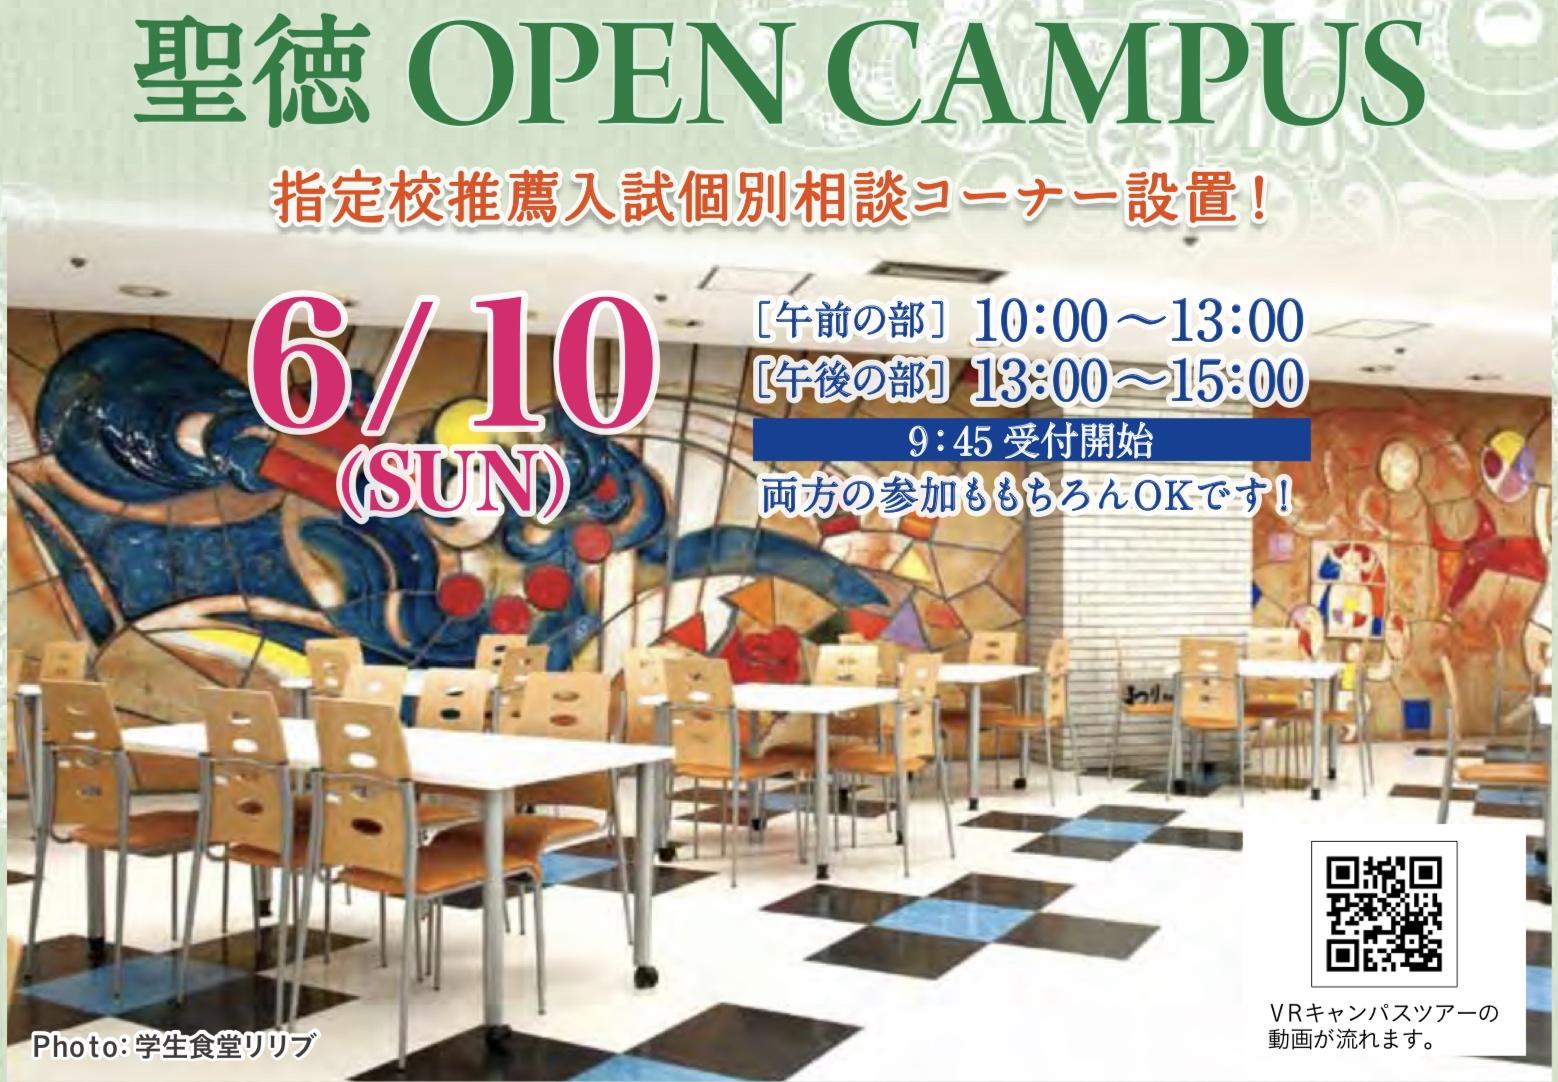 6月10日にオープンキャンパスが開催されます。